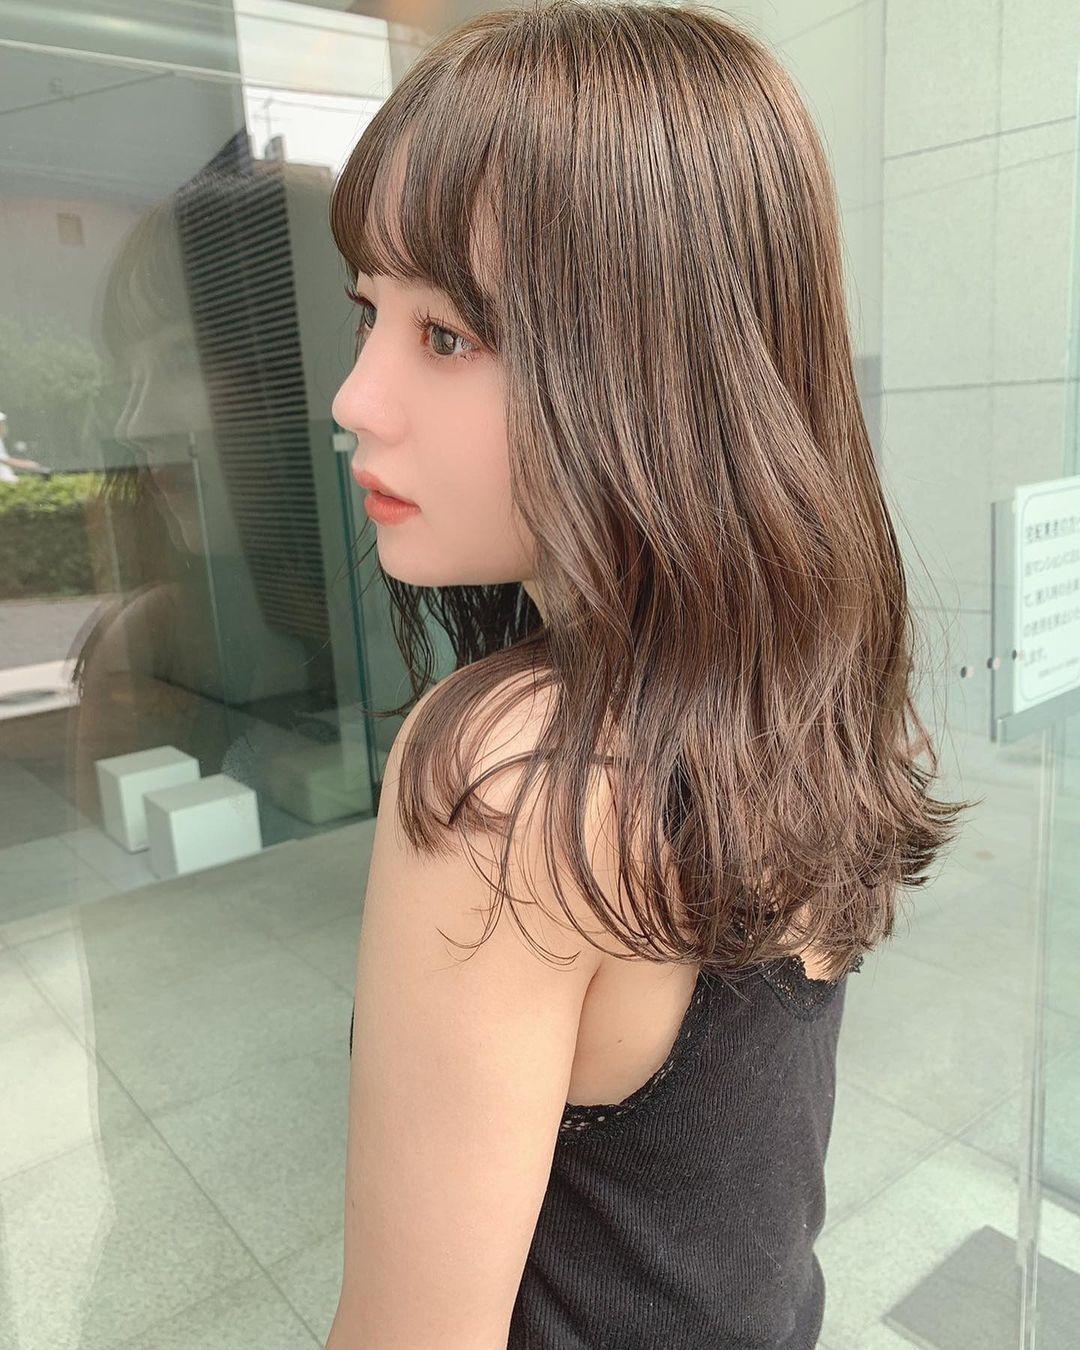 崛北真希妹妹NANAMI新生代清纯女 网络美女 第20张